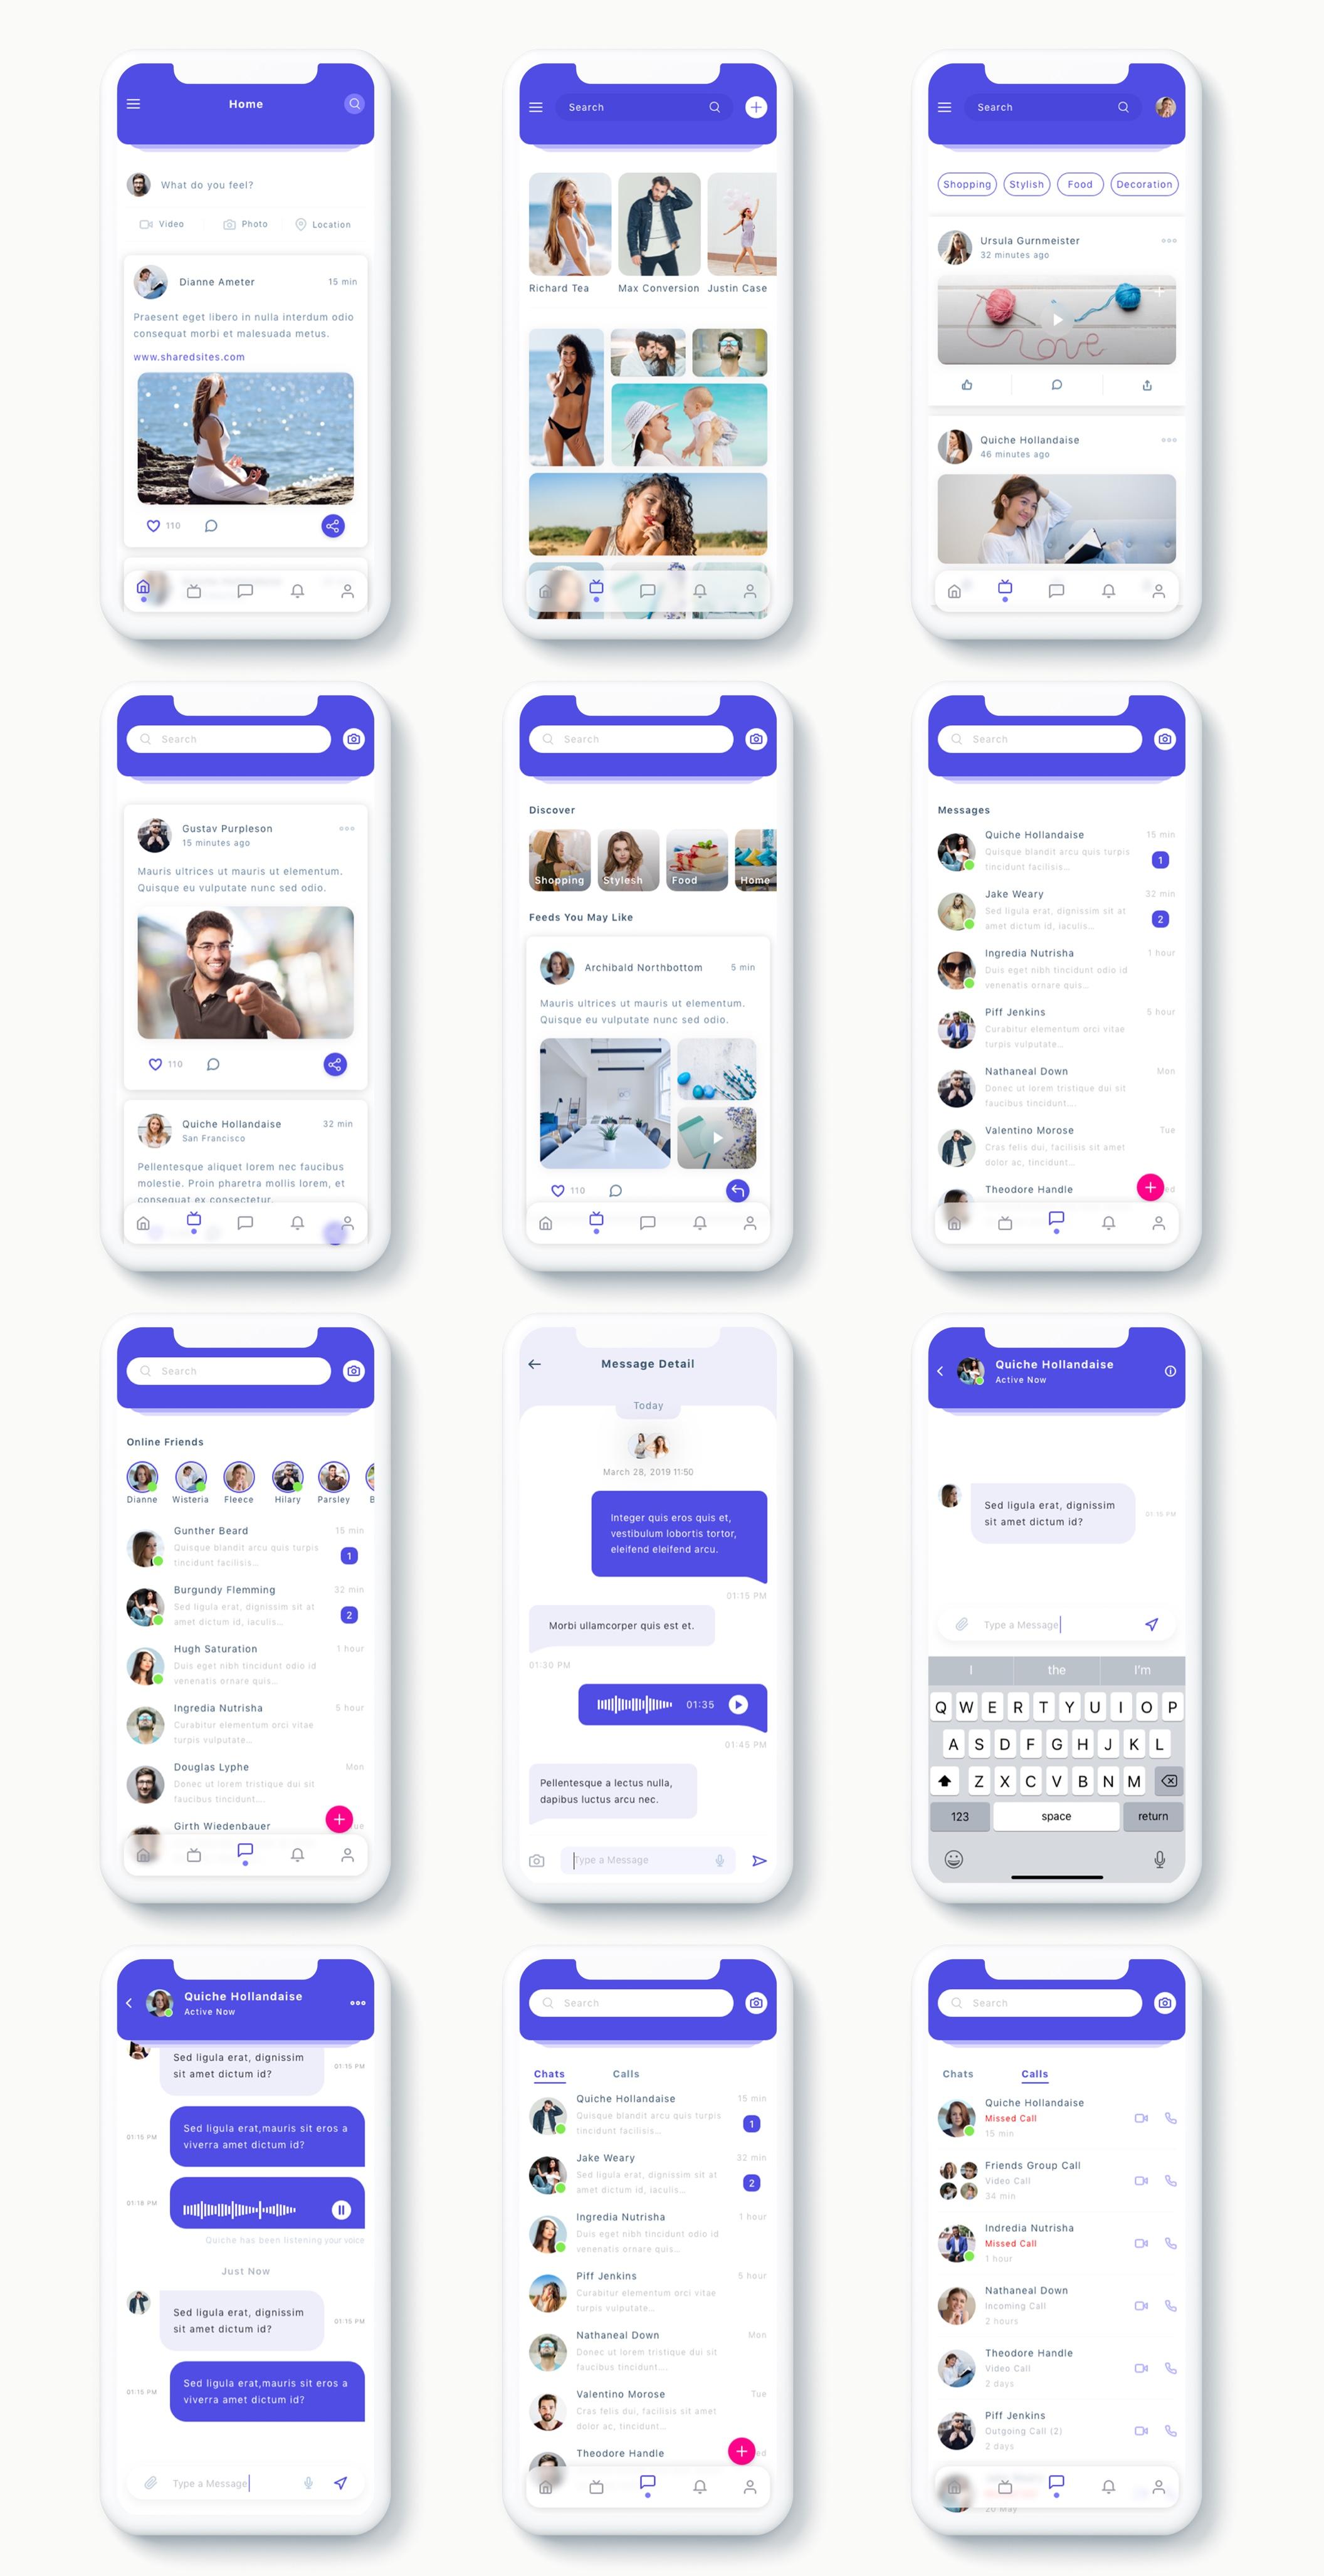 交友社交APP应用界面社交UI套件 Susen – Social Network App UI Kit插图(10)